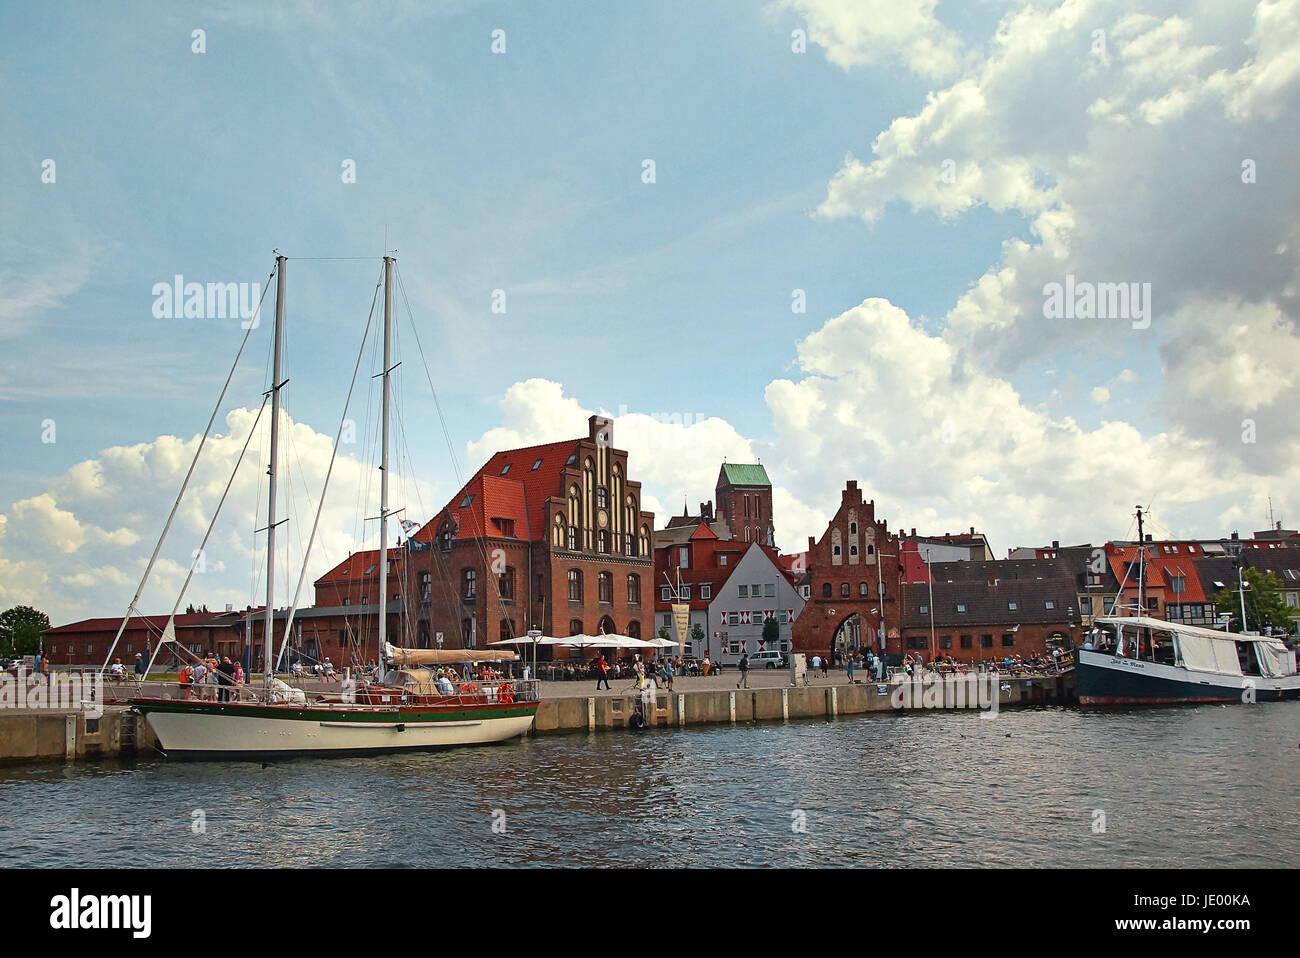 Hafen Hansestadt Wismar Deutschland / Port Hanseatic City Wismar Germany - Stock Image